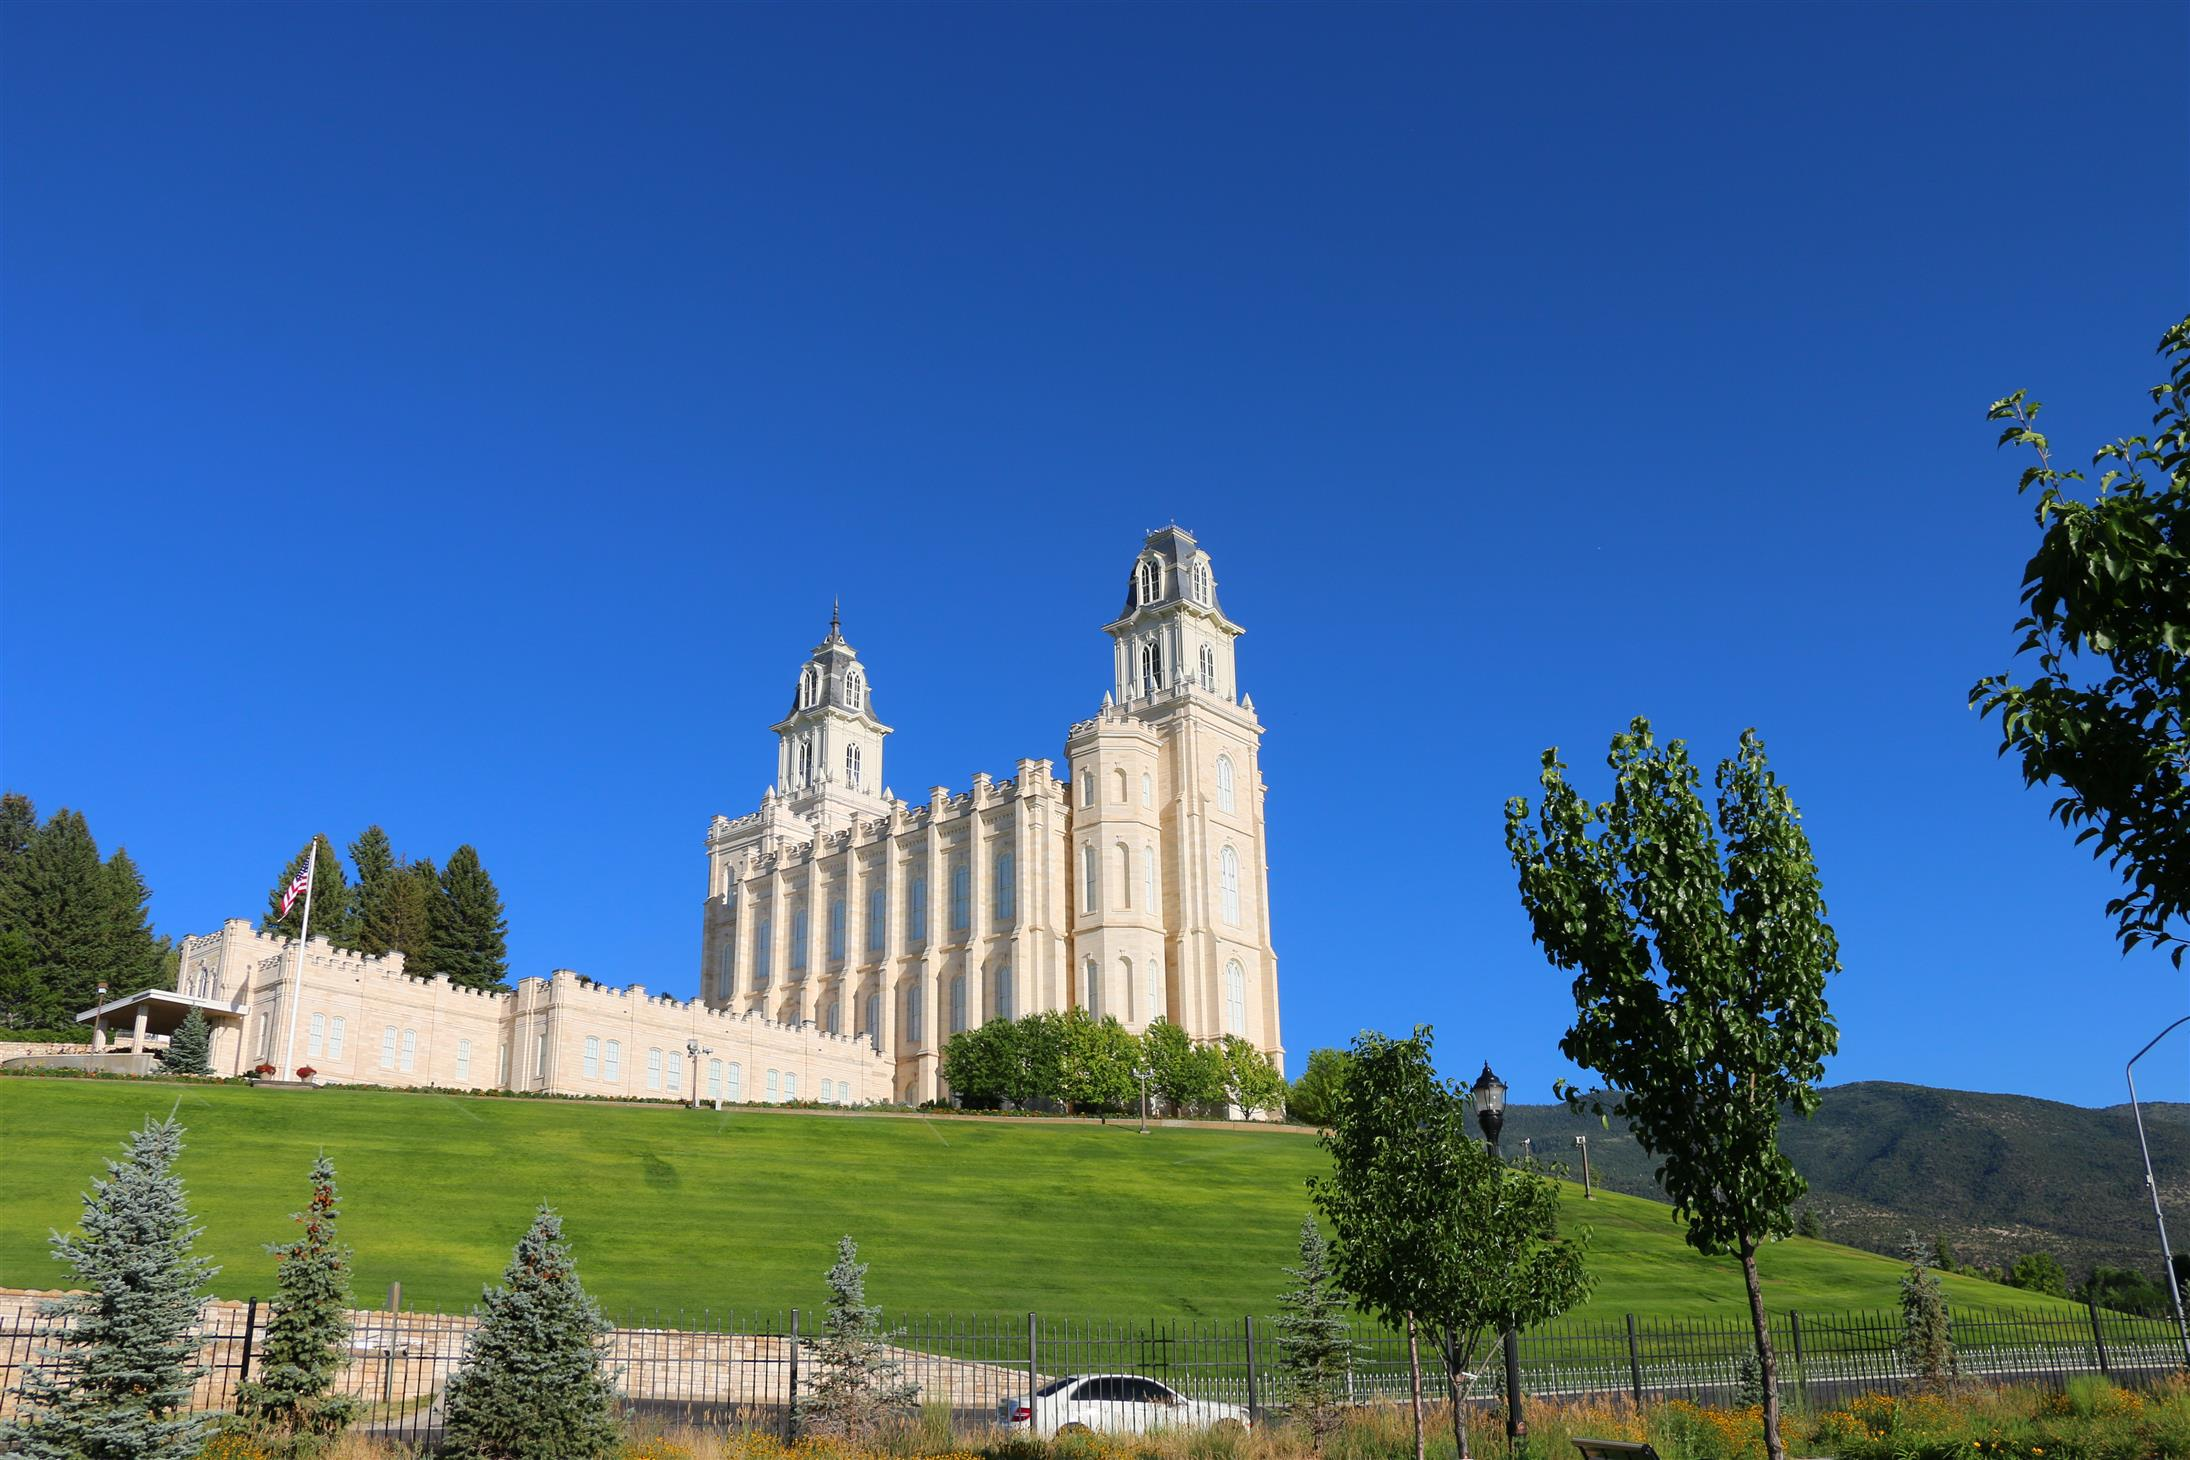 The Manti Utah Temple